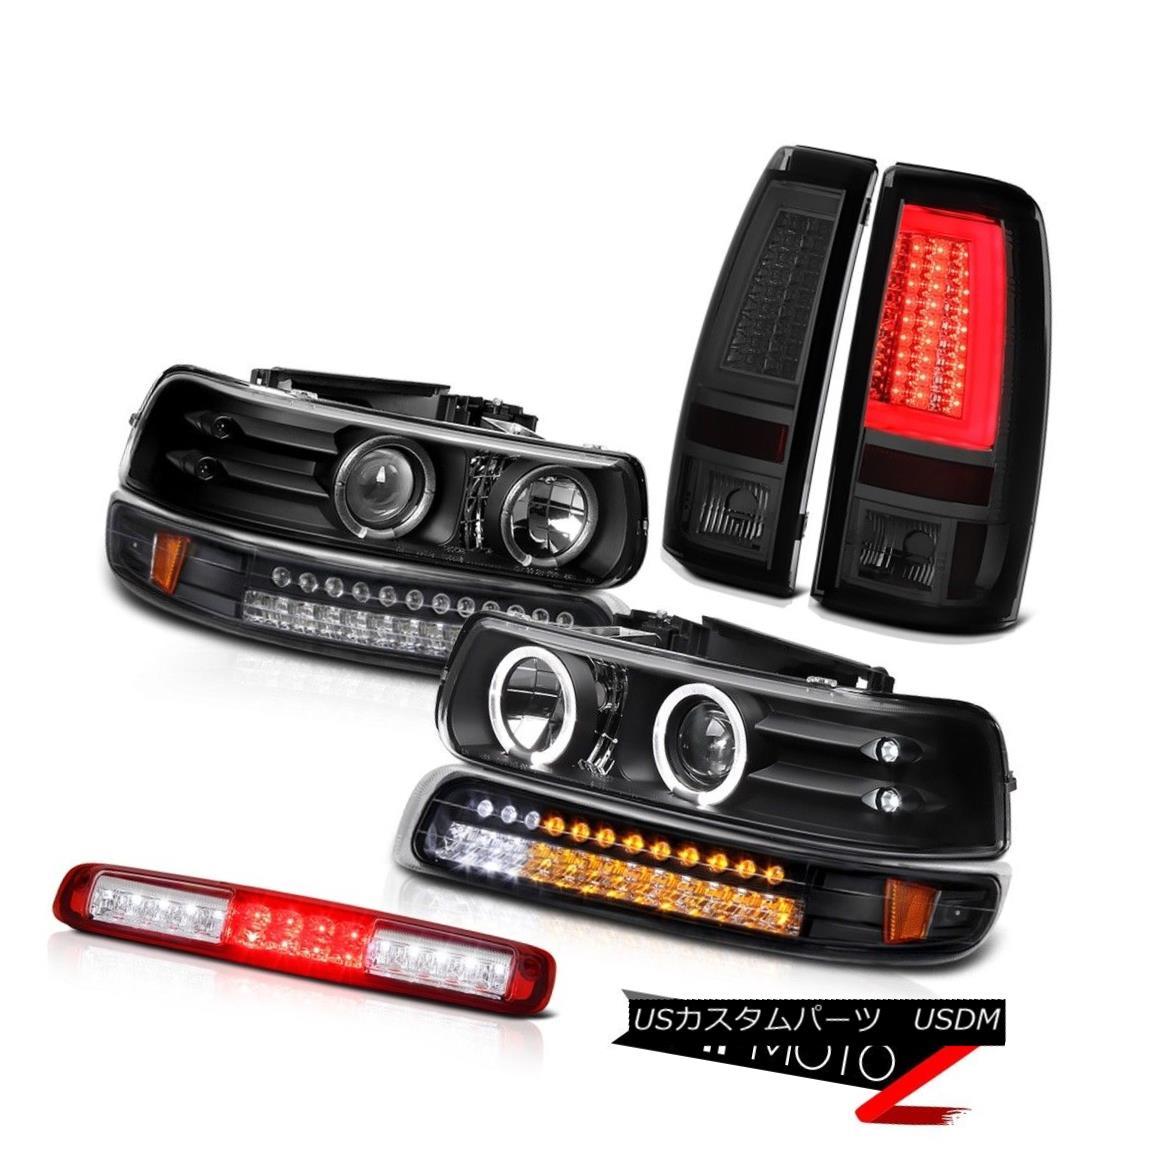 テールライト 99-02 Silverado 1500 Tail Lights Roof Cab Lamp Bumper Light Headlamps Tron Tube 99-02 Silverado 1500テールランプルーフキャブランプバンパーライトヘッドランプトロンチューブ